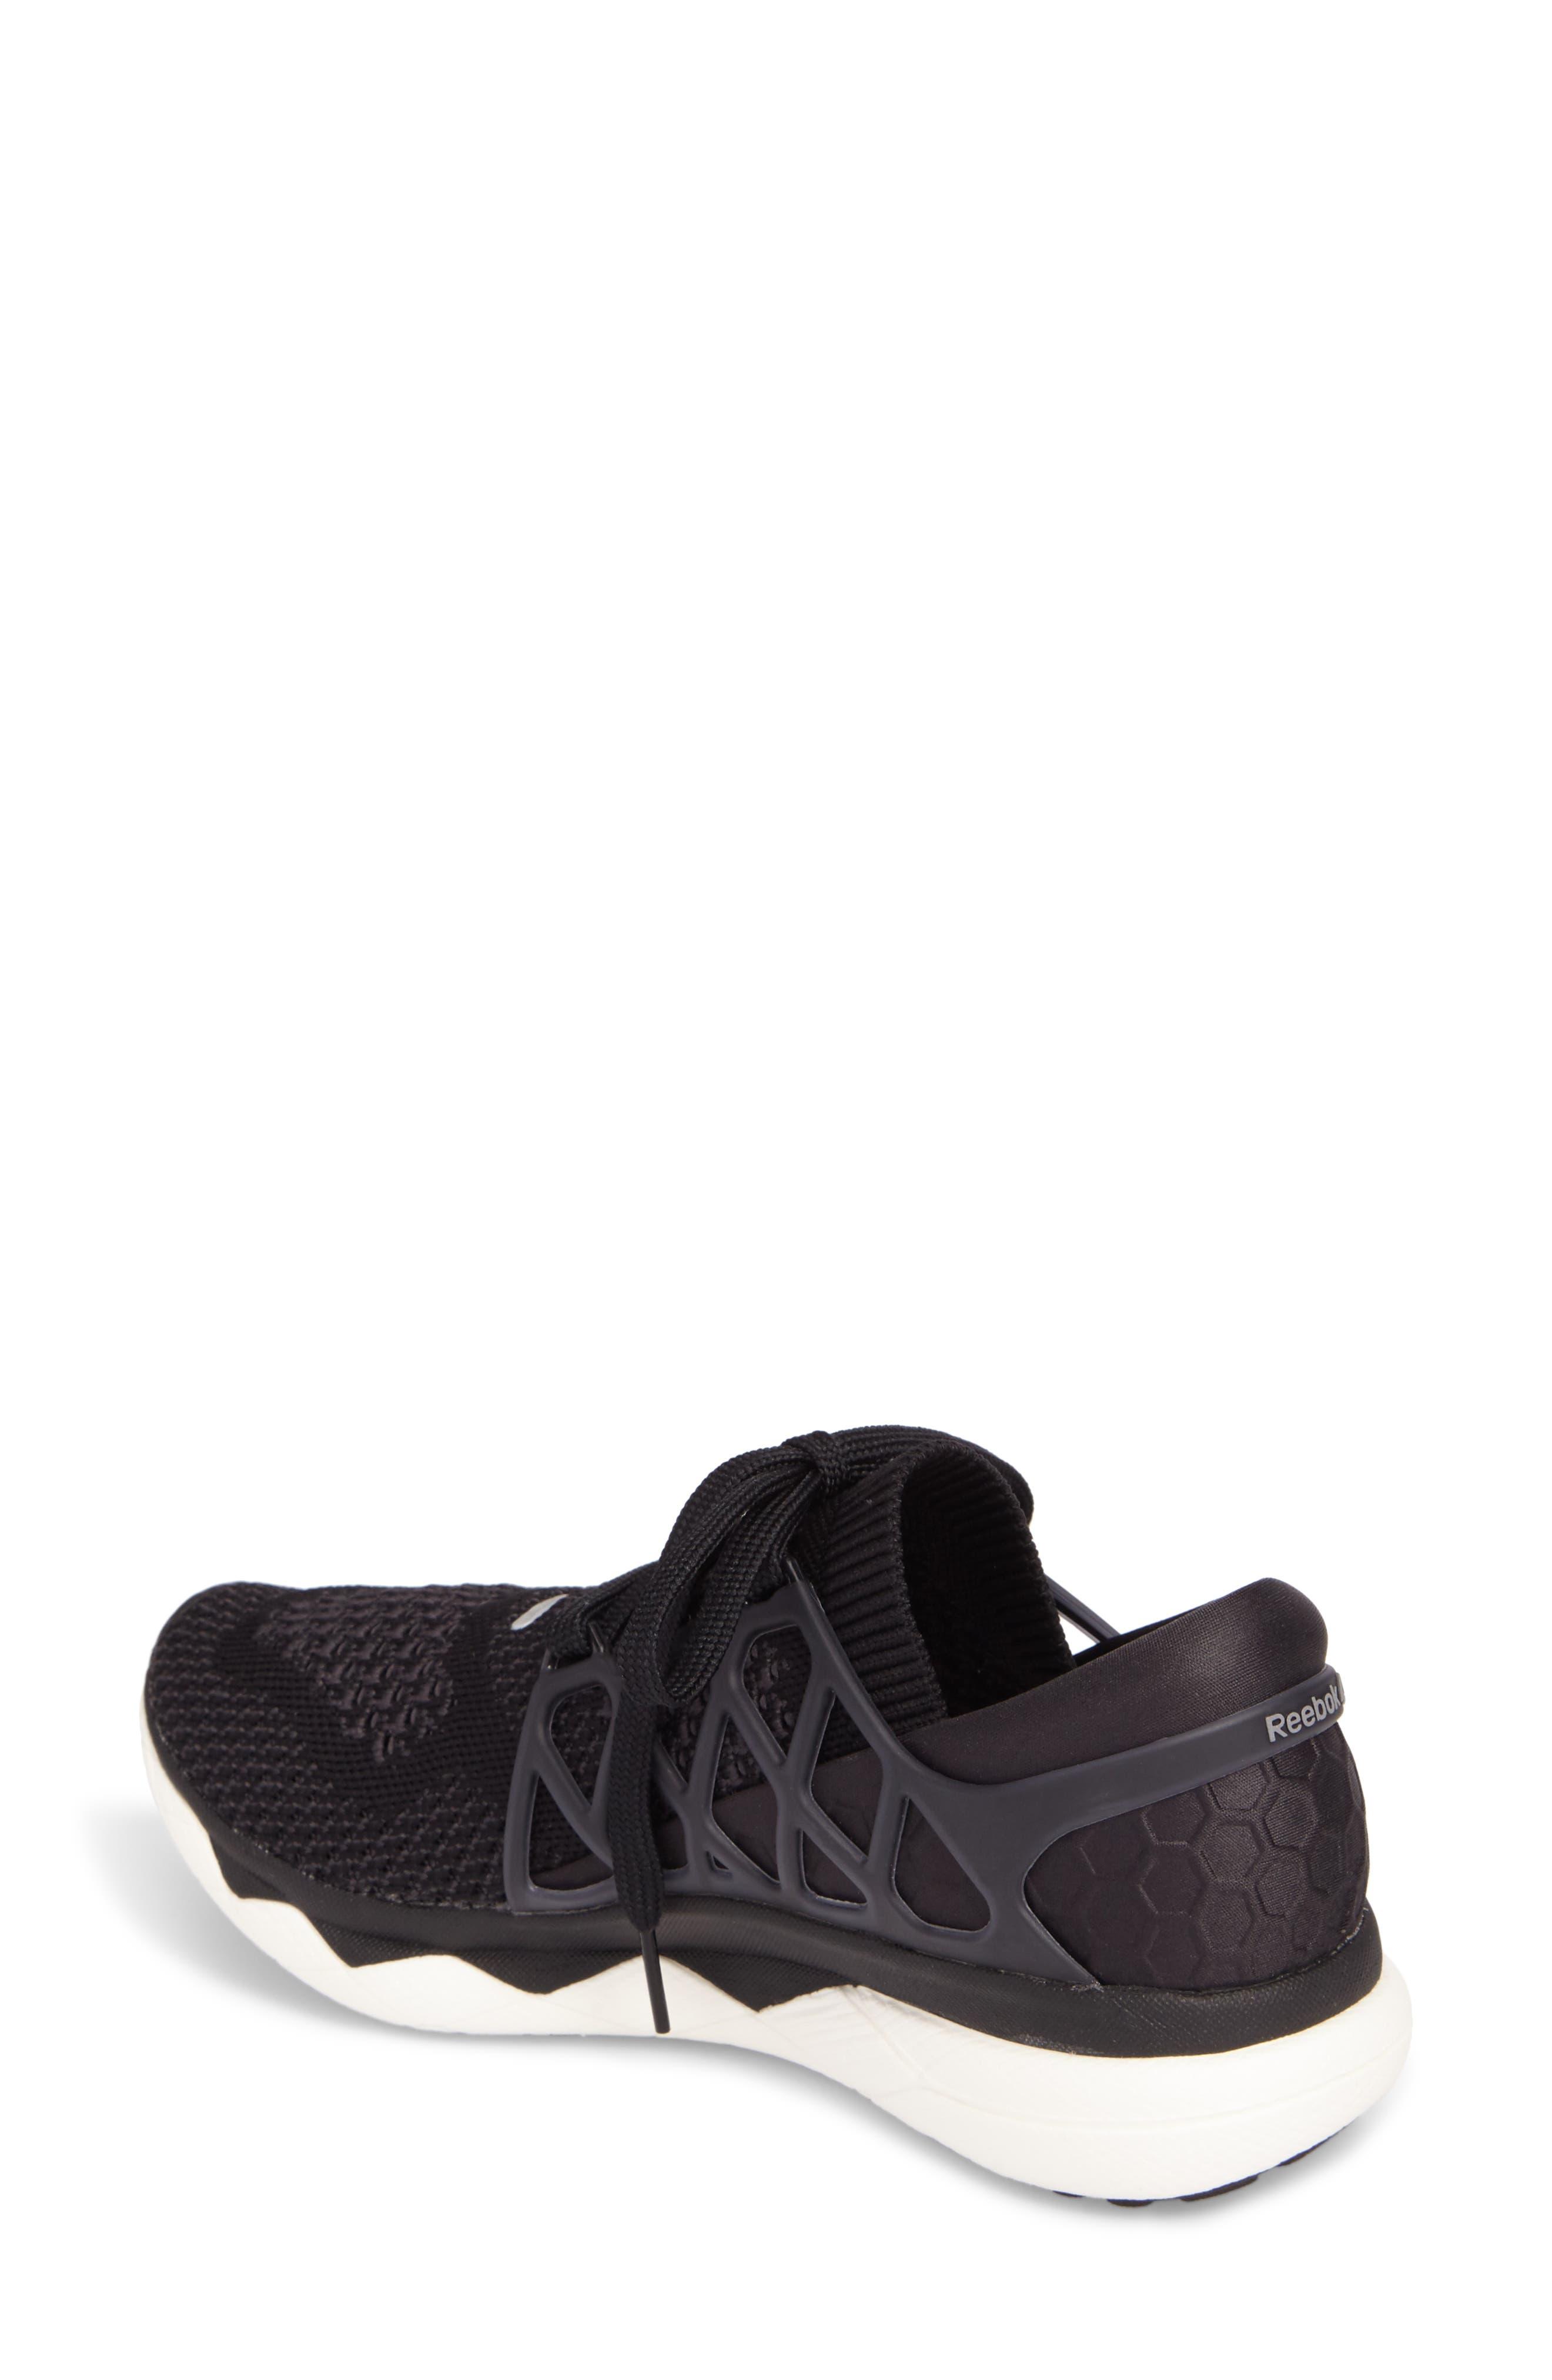 Floatride Run Running Shoe,                             Alternate thumbnail 2, color,                             Black/ Gravel/ White